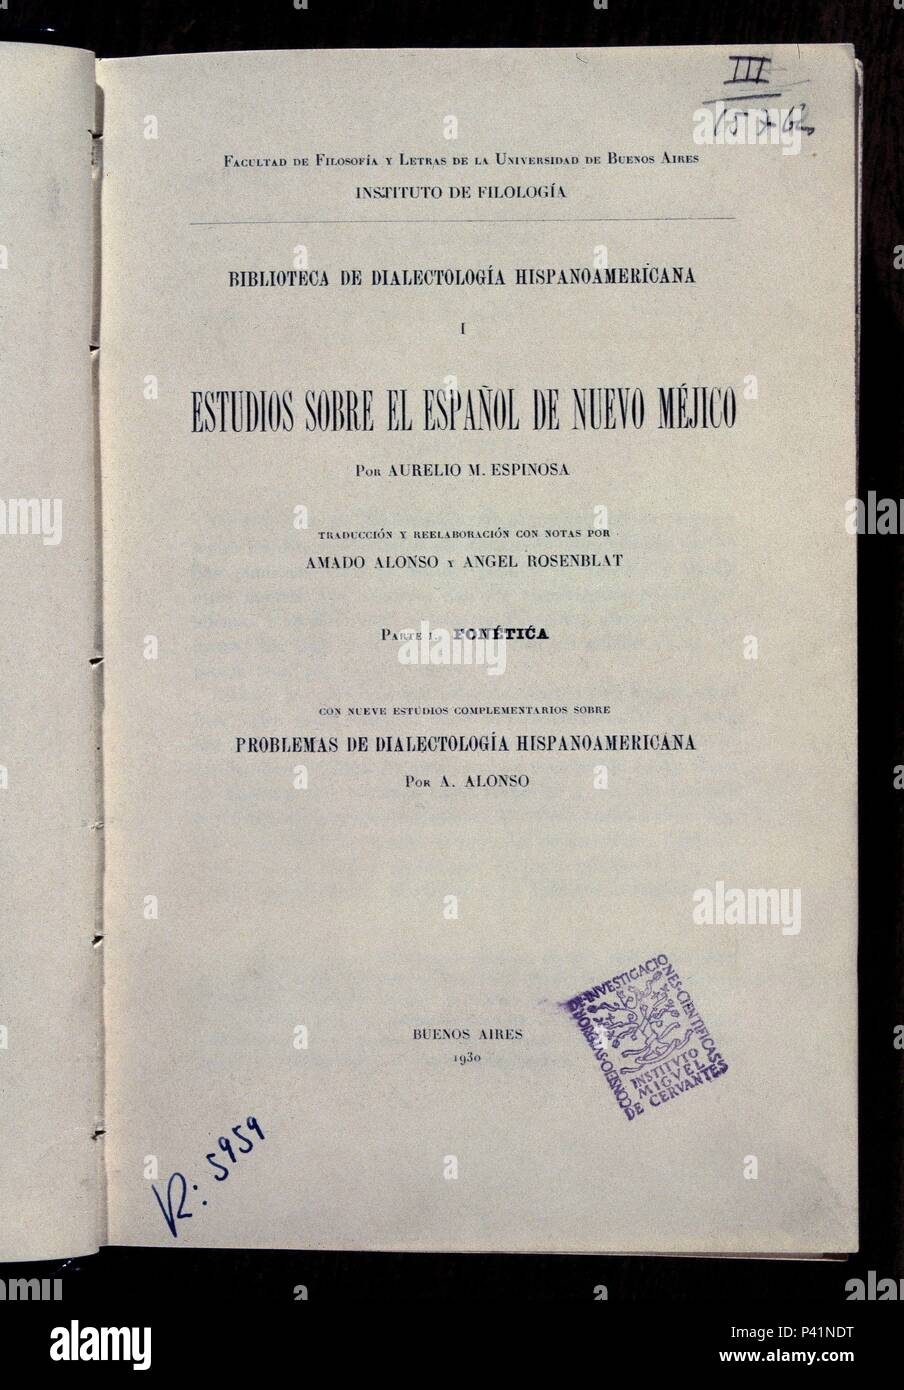 ESTUDIOS SOBRE EL ESPAÑOL DE NUEVO MEXICO-FONETICA - EDICION 1930 - BUENOS AIRES. Author: ESPINOSA AURELIO M. Location: CSIC, MADRID, SPAIN. - Stock Image